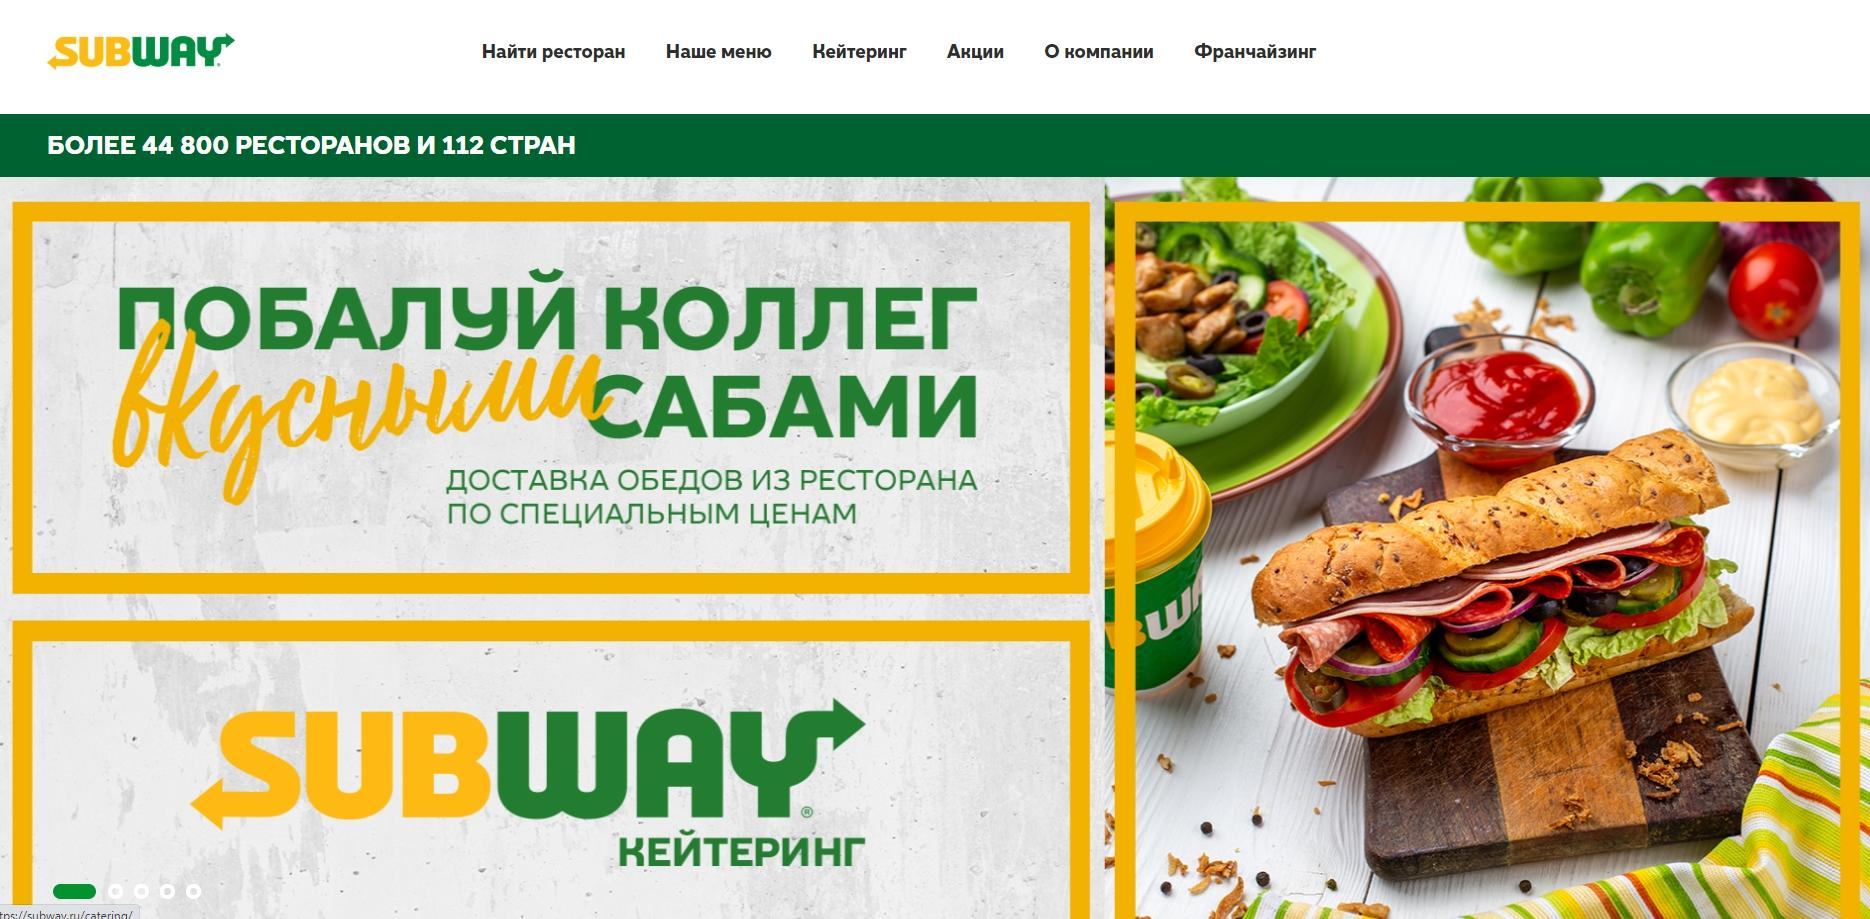 Главная страница сайта subway.ru